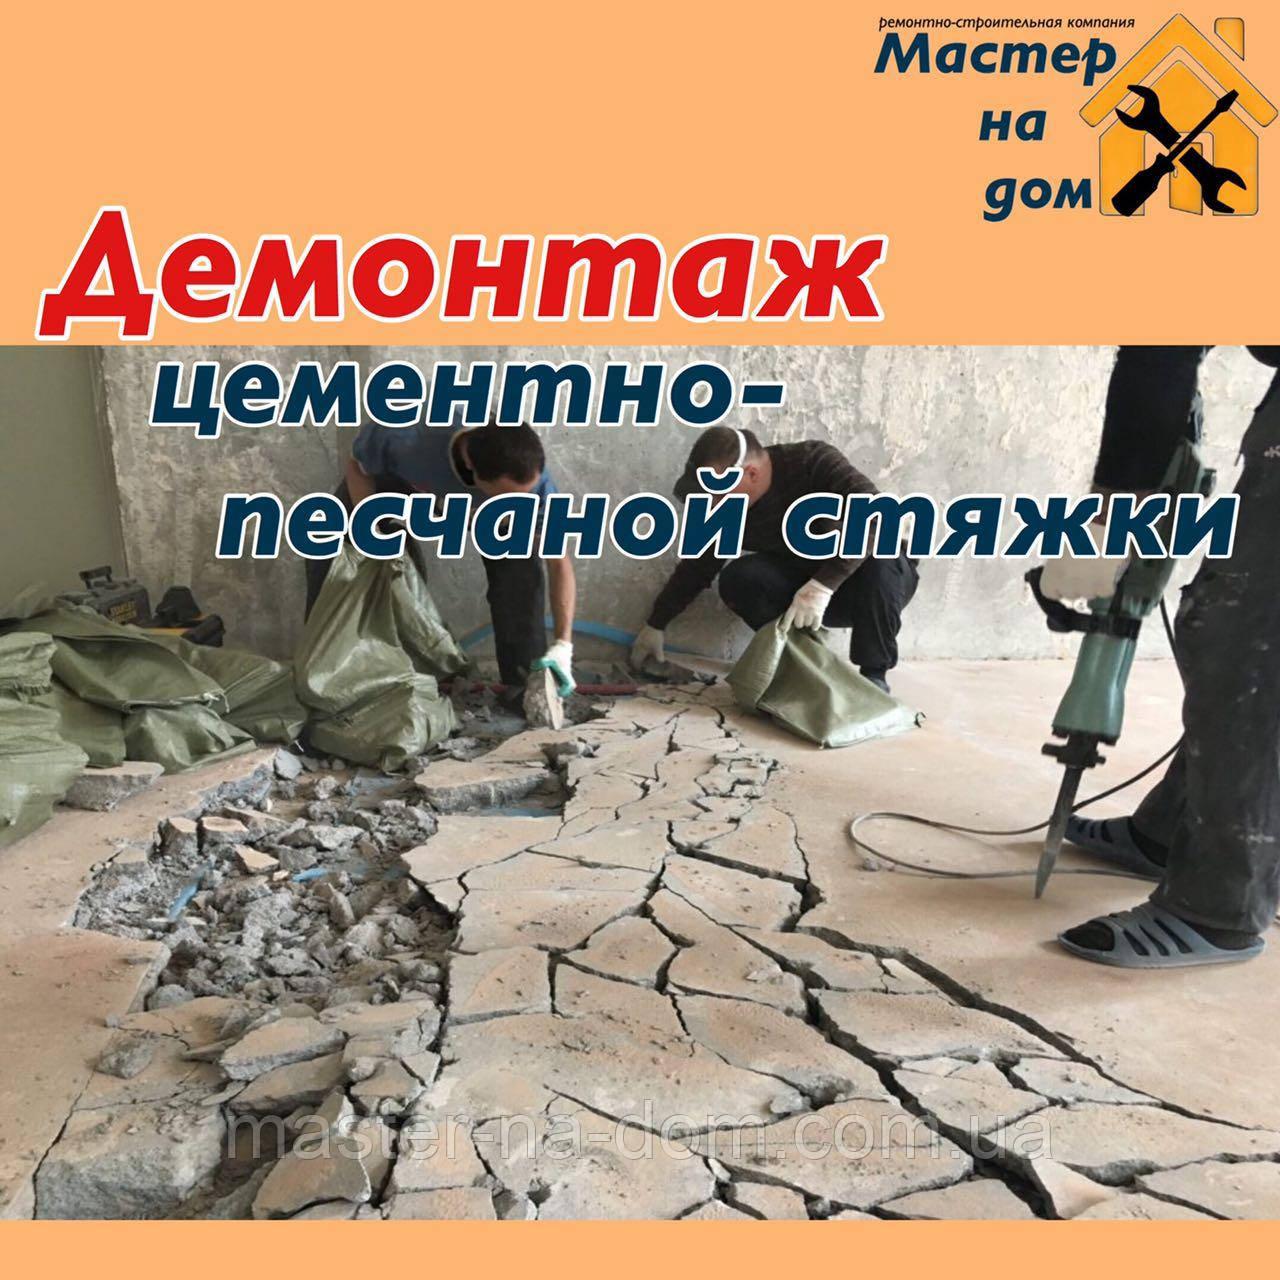 Демонтаж цементно-піщаної стяжки підлоги